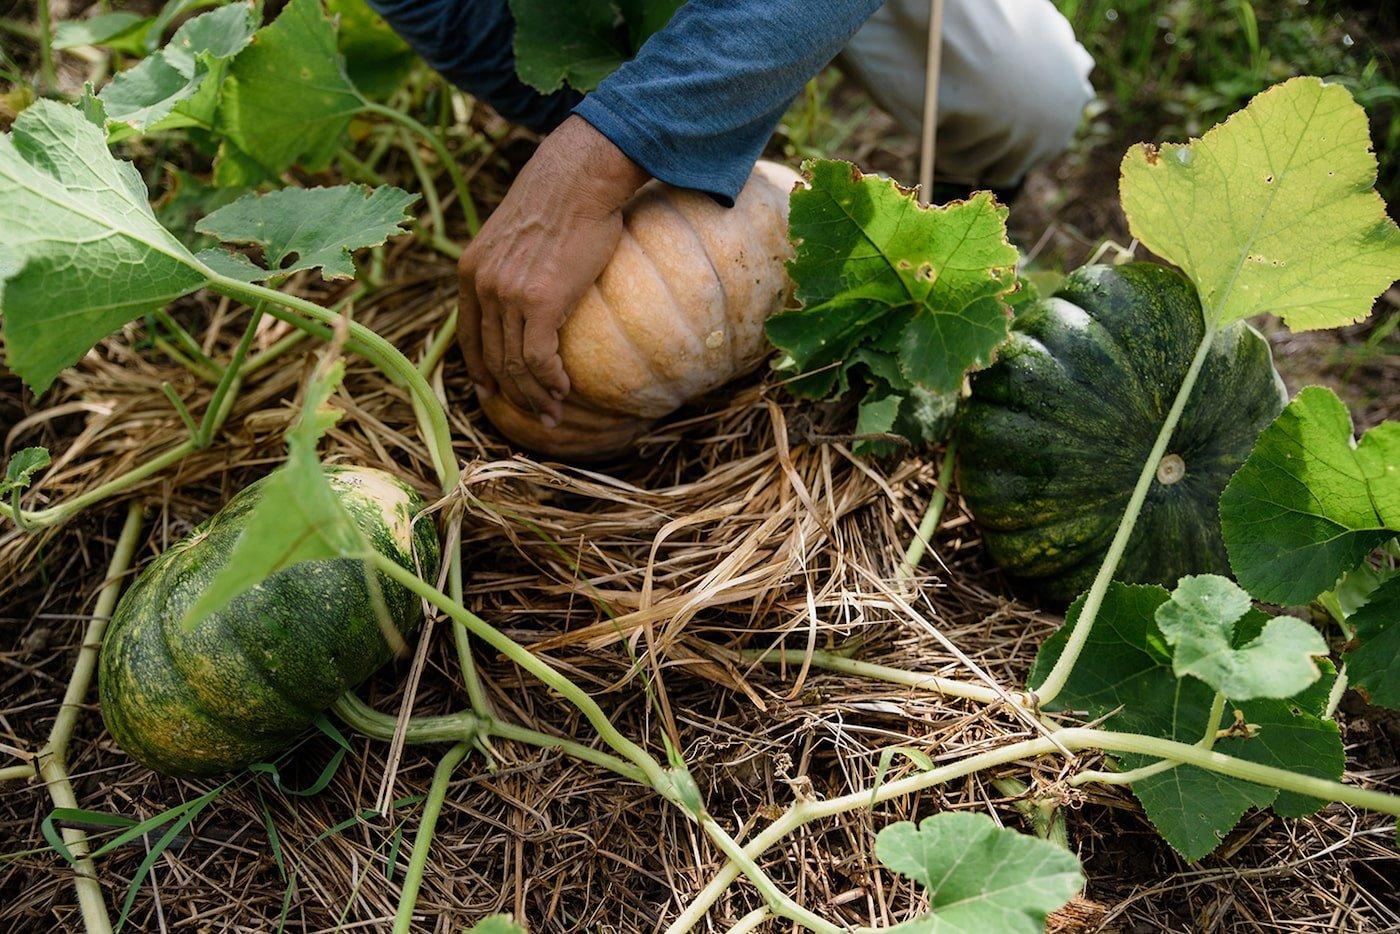 Harvesting pumpkins in permaculture garden